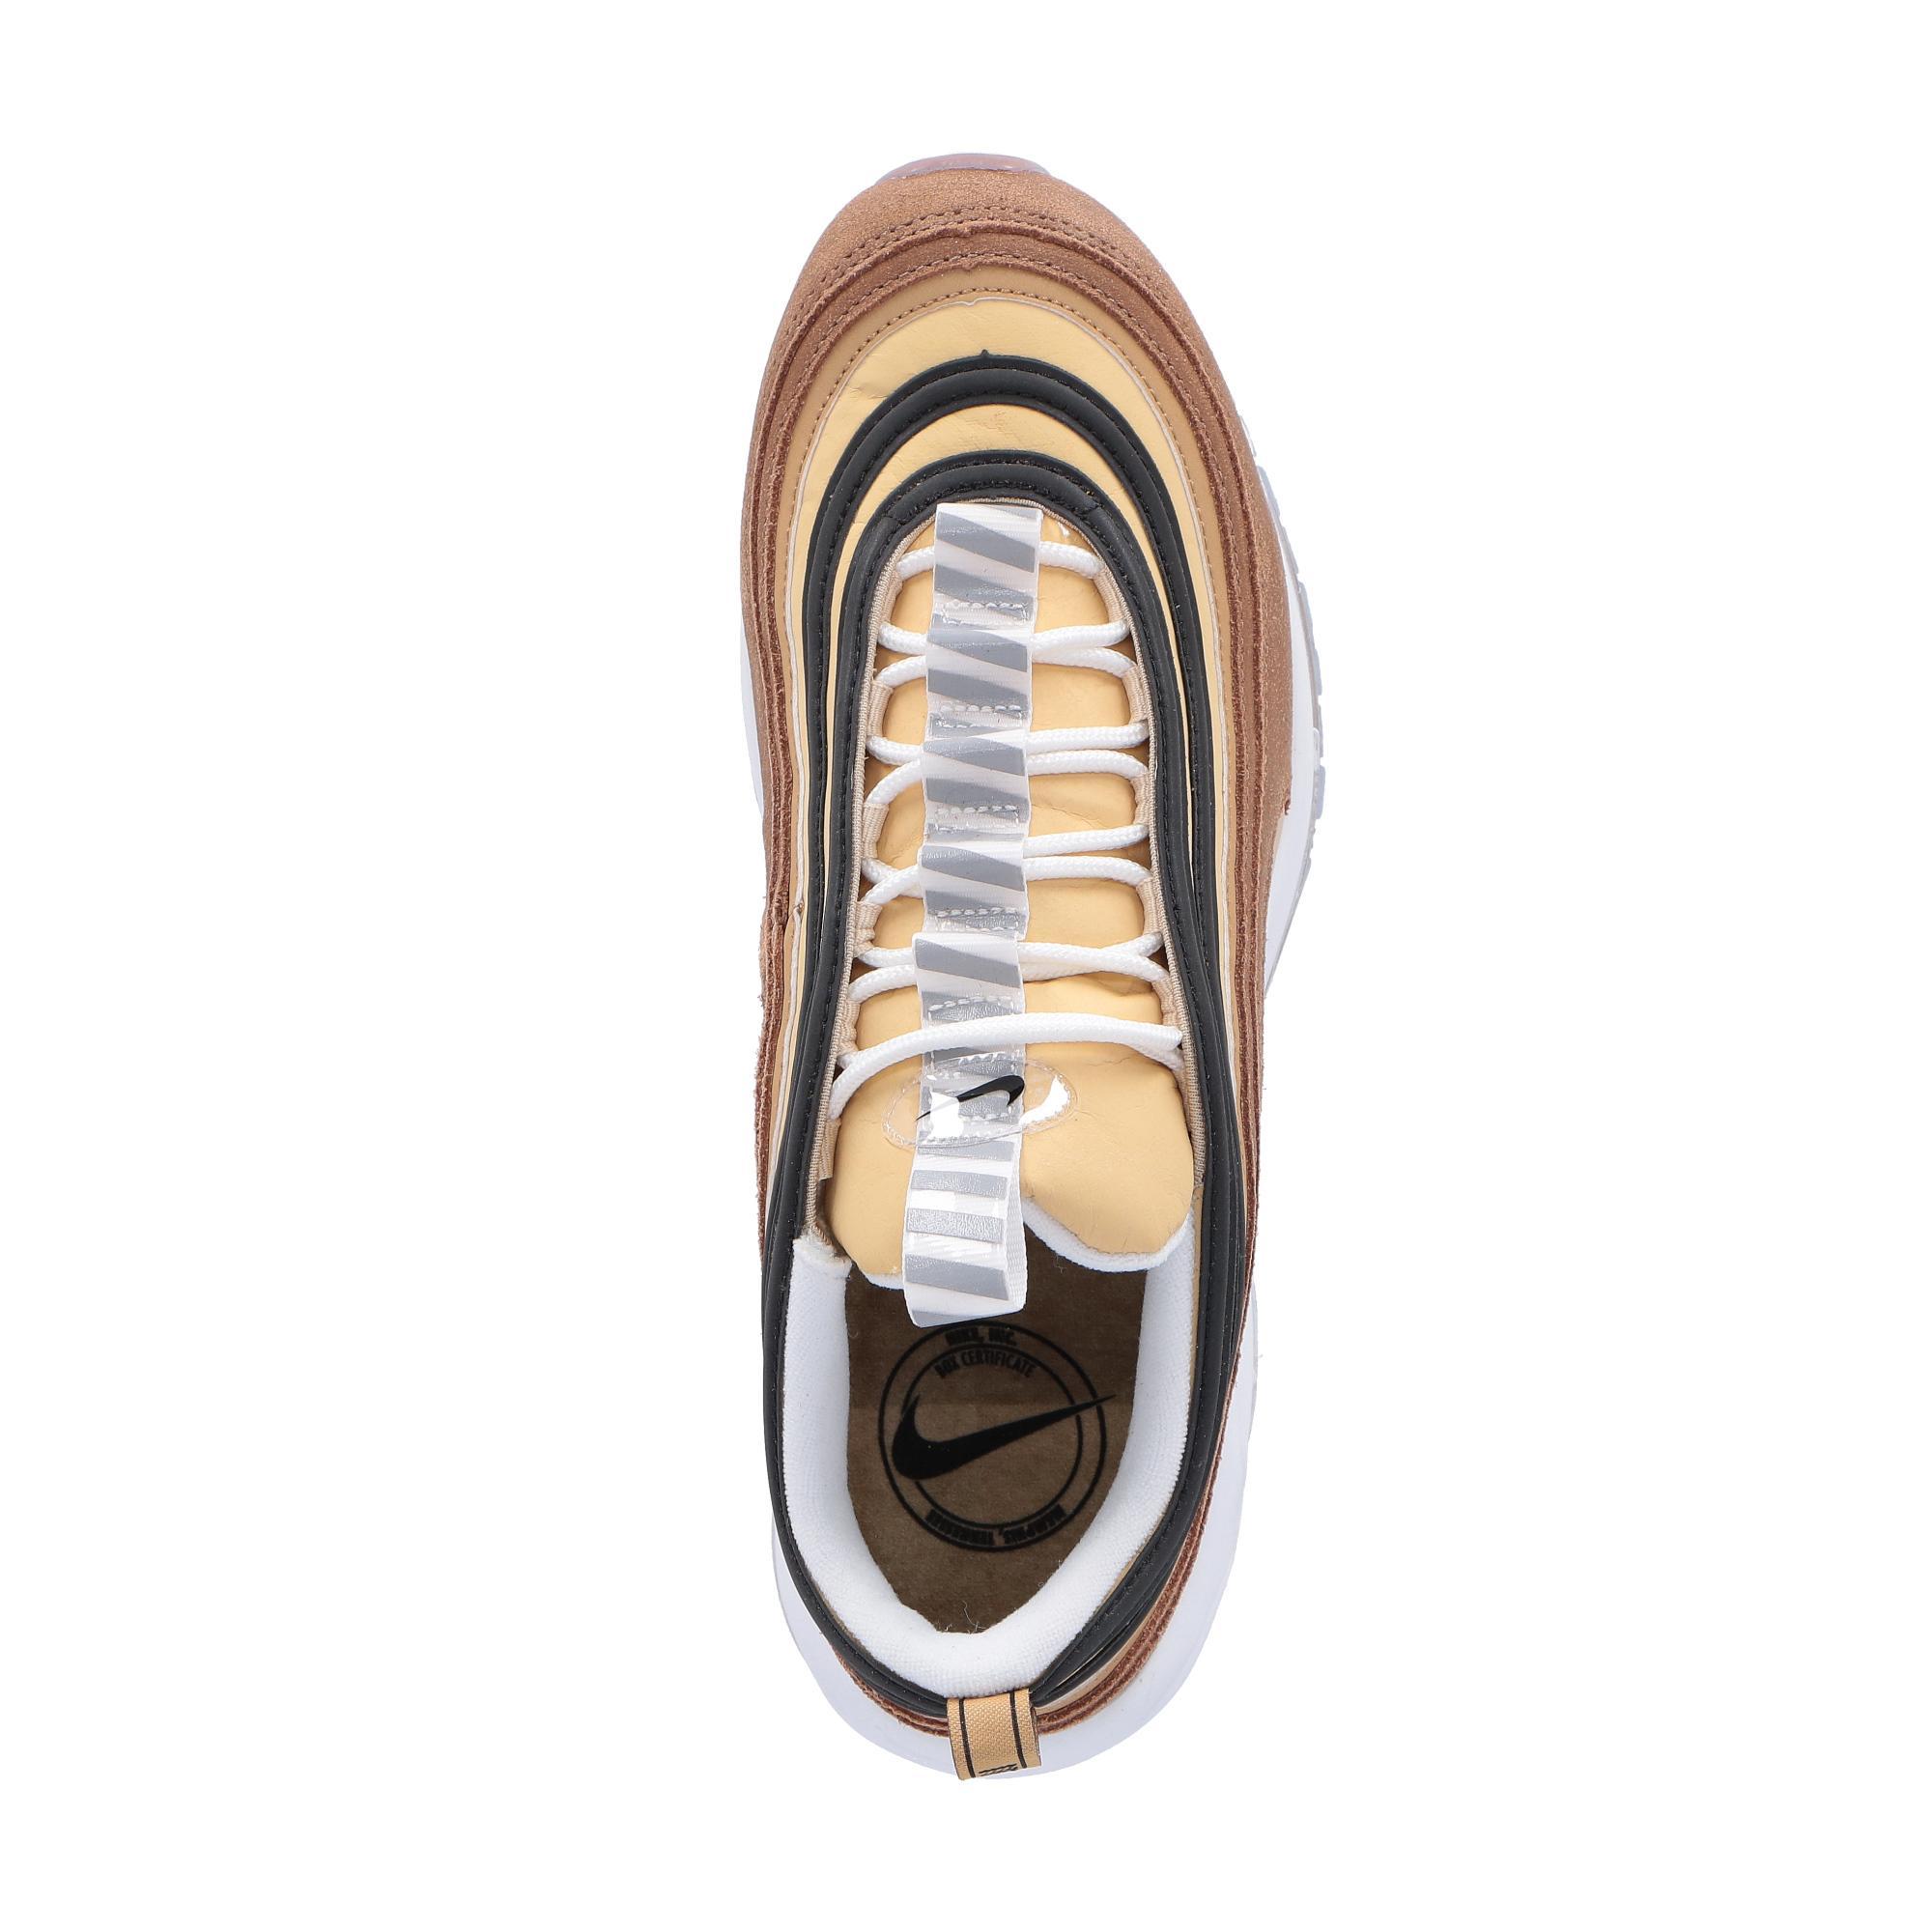 Nike Air Max 97 Brown black gold